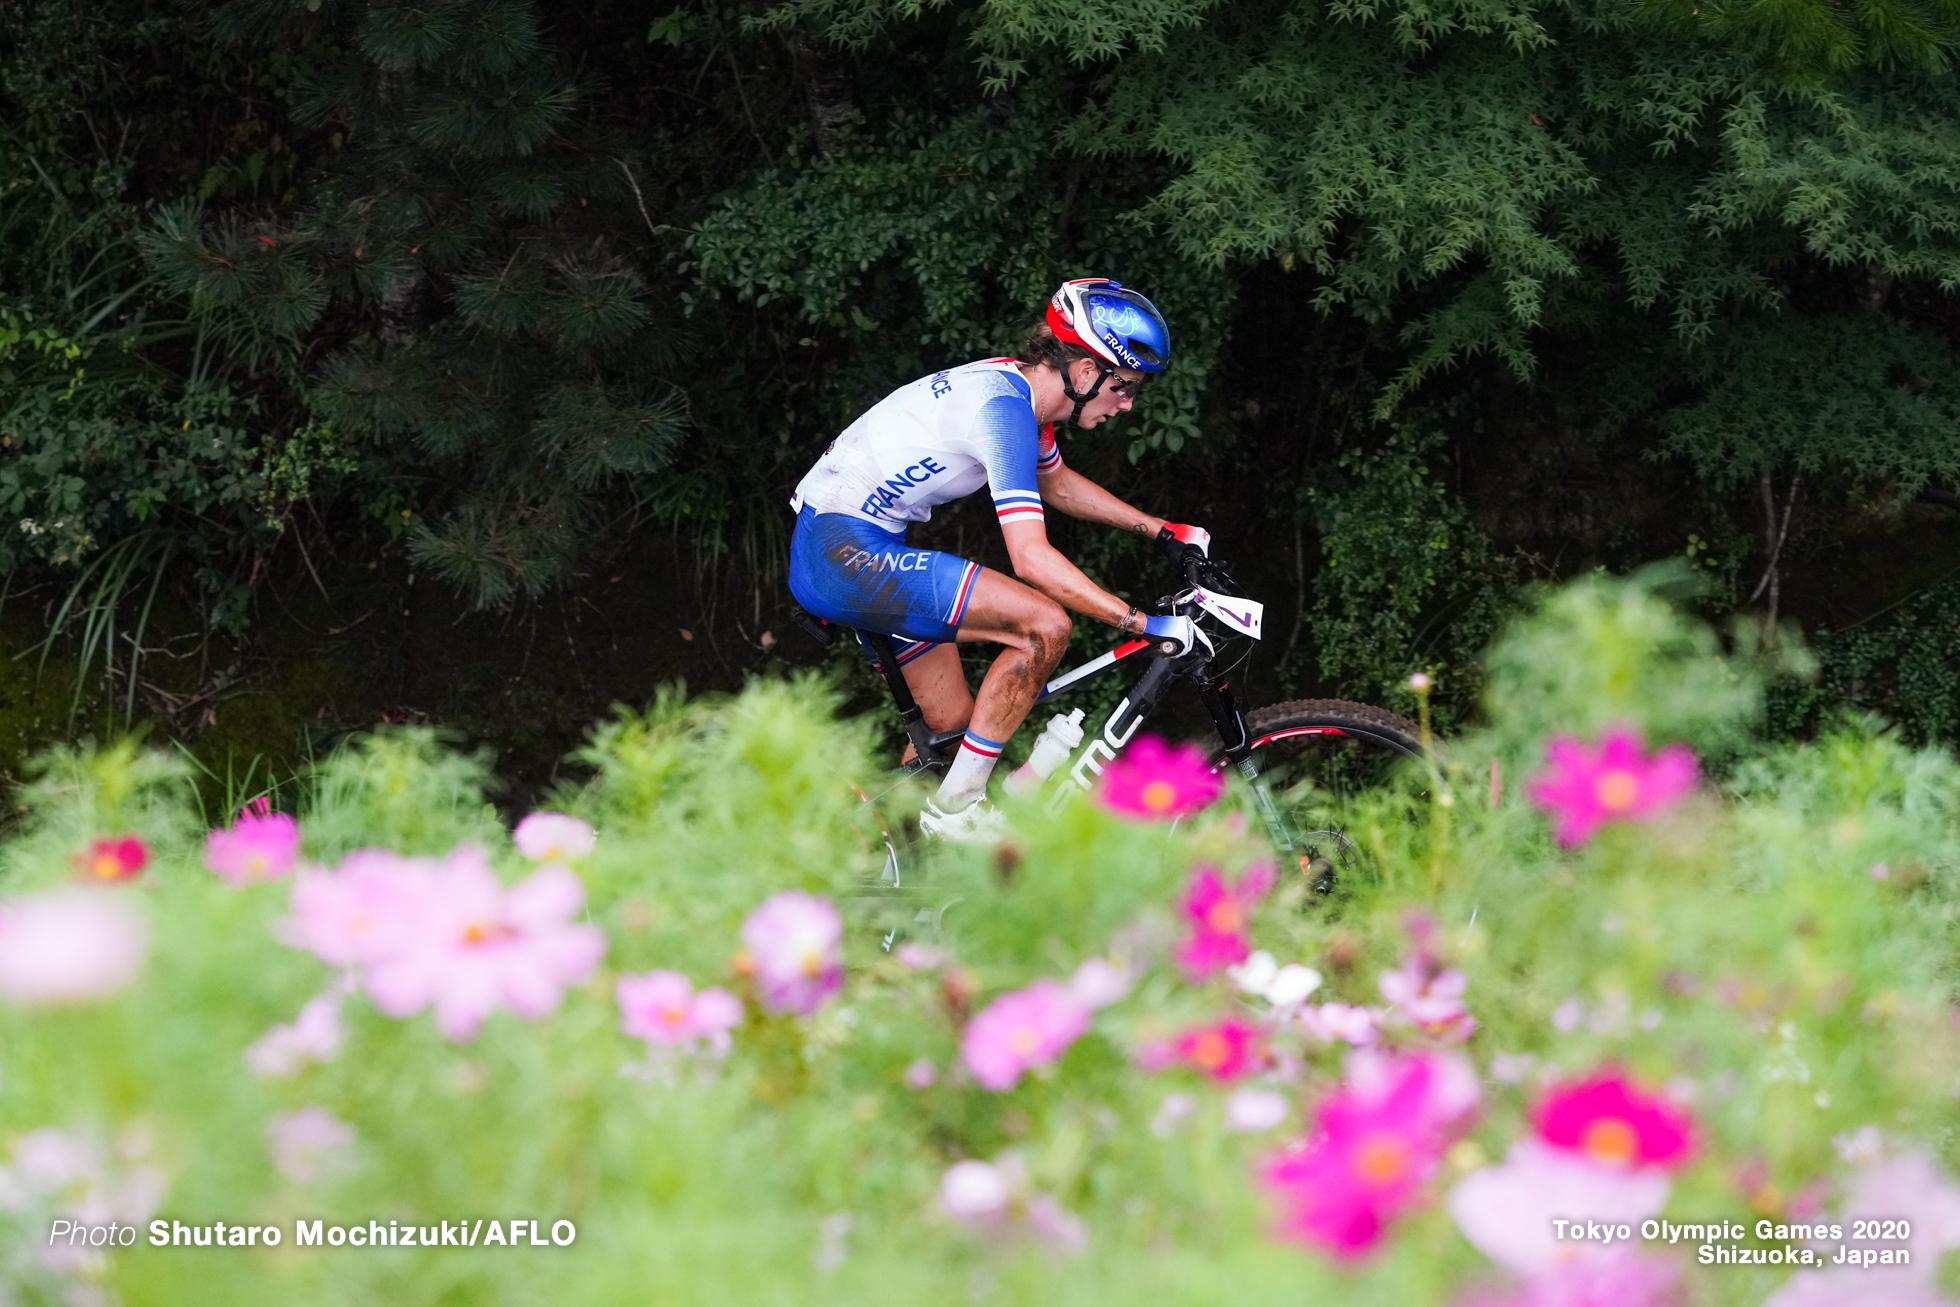 ポリーヌ・フェラン=プレヴォ Pauline Ferraand Prevot (FRA), JULY 27, 2021 - Cycling : Women's Cross-country during the Tokyo 2020 Olympic Games at the Izu MTB Course in Shizuoka, Japan. (Photo by Shutaro Mochizuki/AFLO)